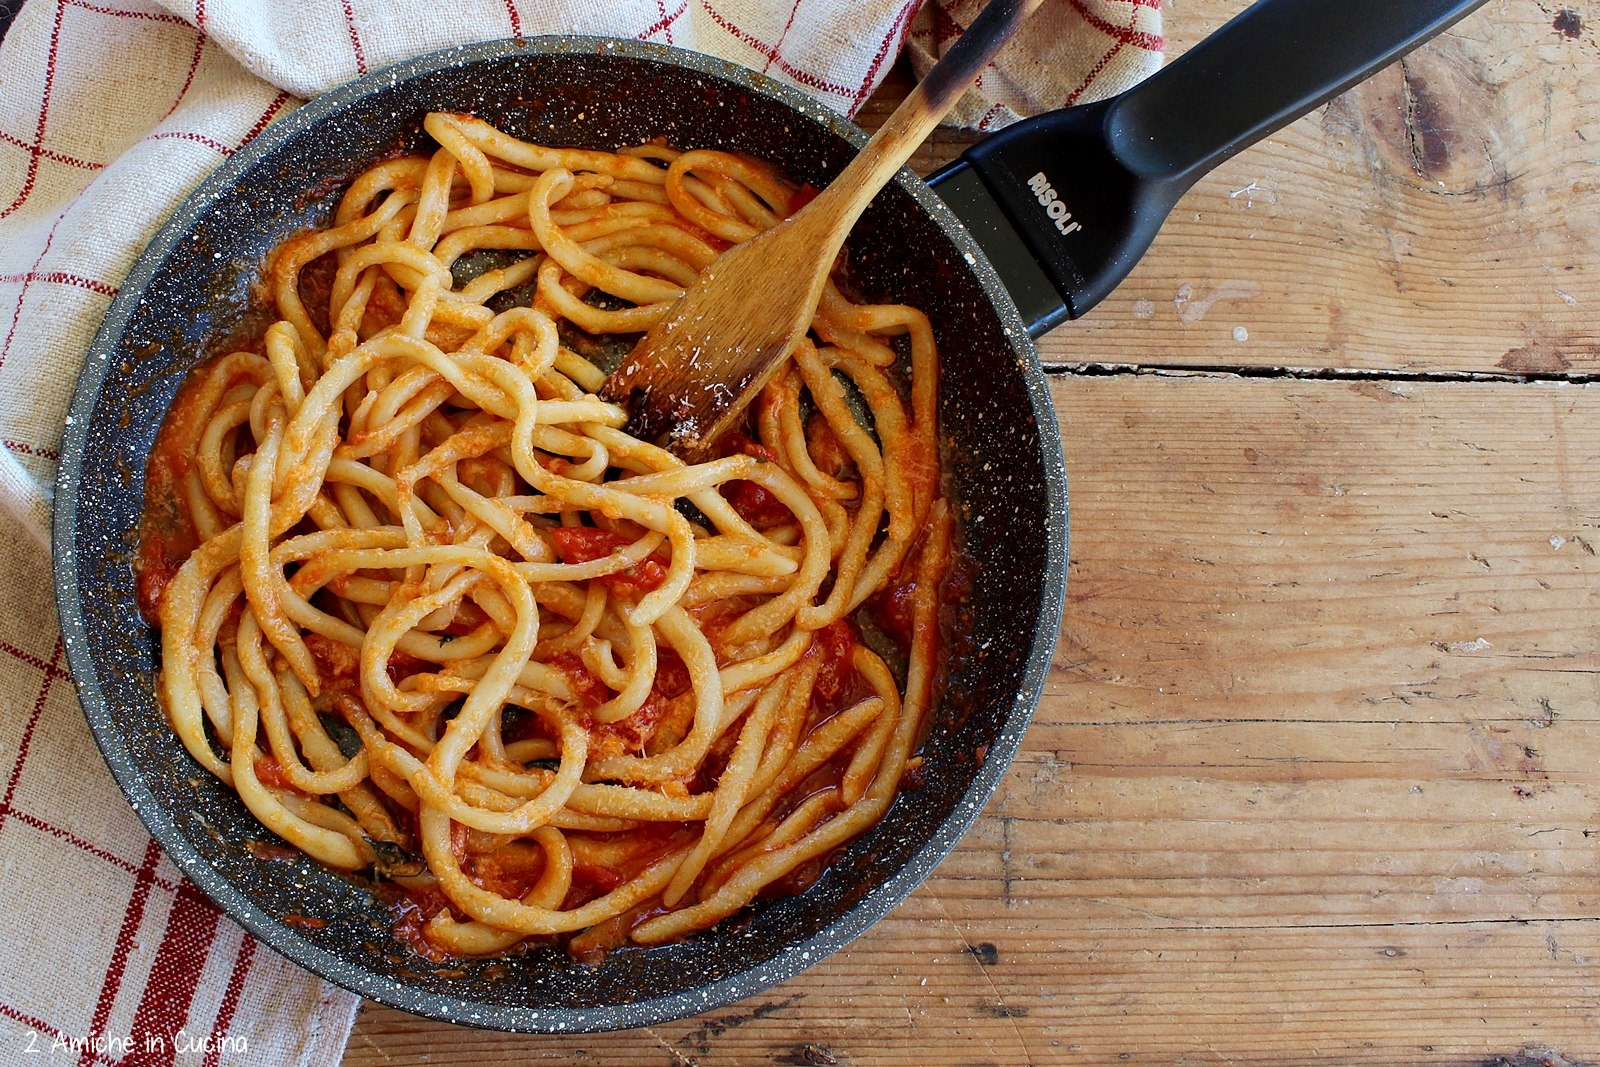 Umbricelli al pecorino